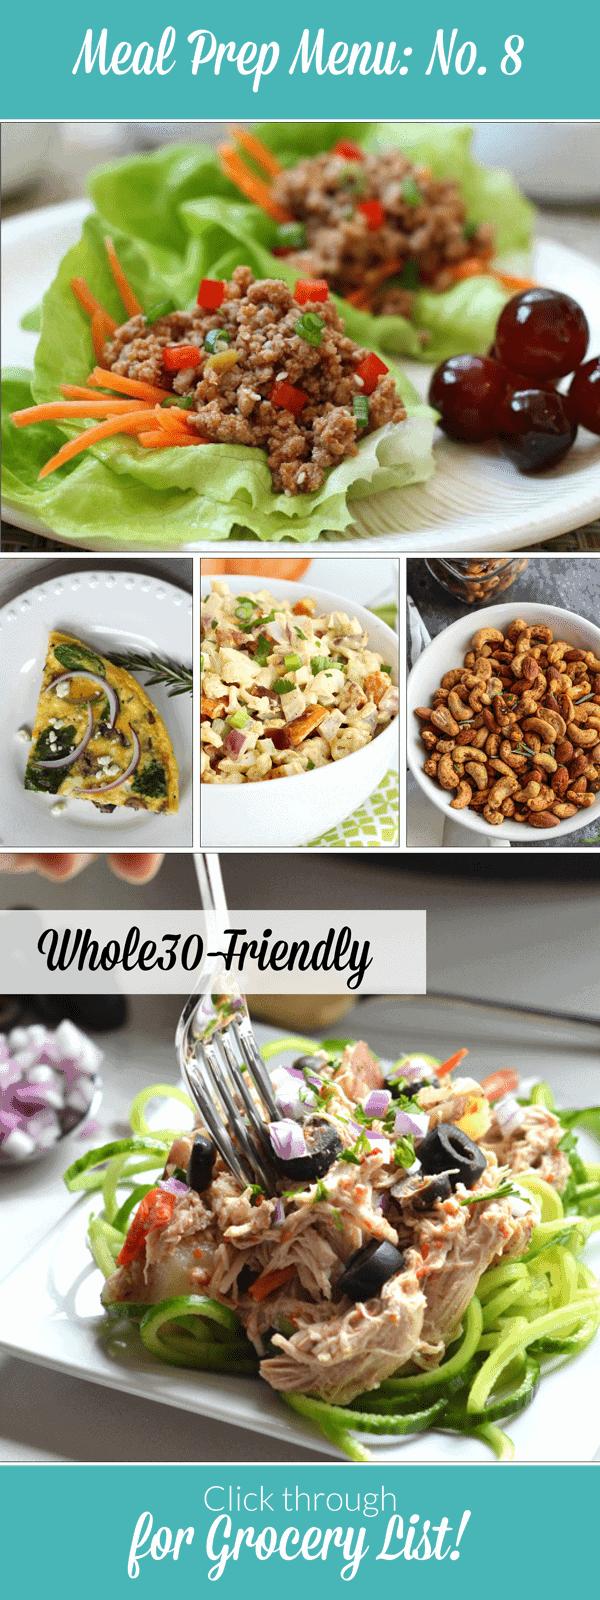 Weekly Meal Prep Menu: No. 8 | The Real Food Dietitians | https://therealfoodrds.com/weekly-meal-prep-menu-no-8/